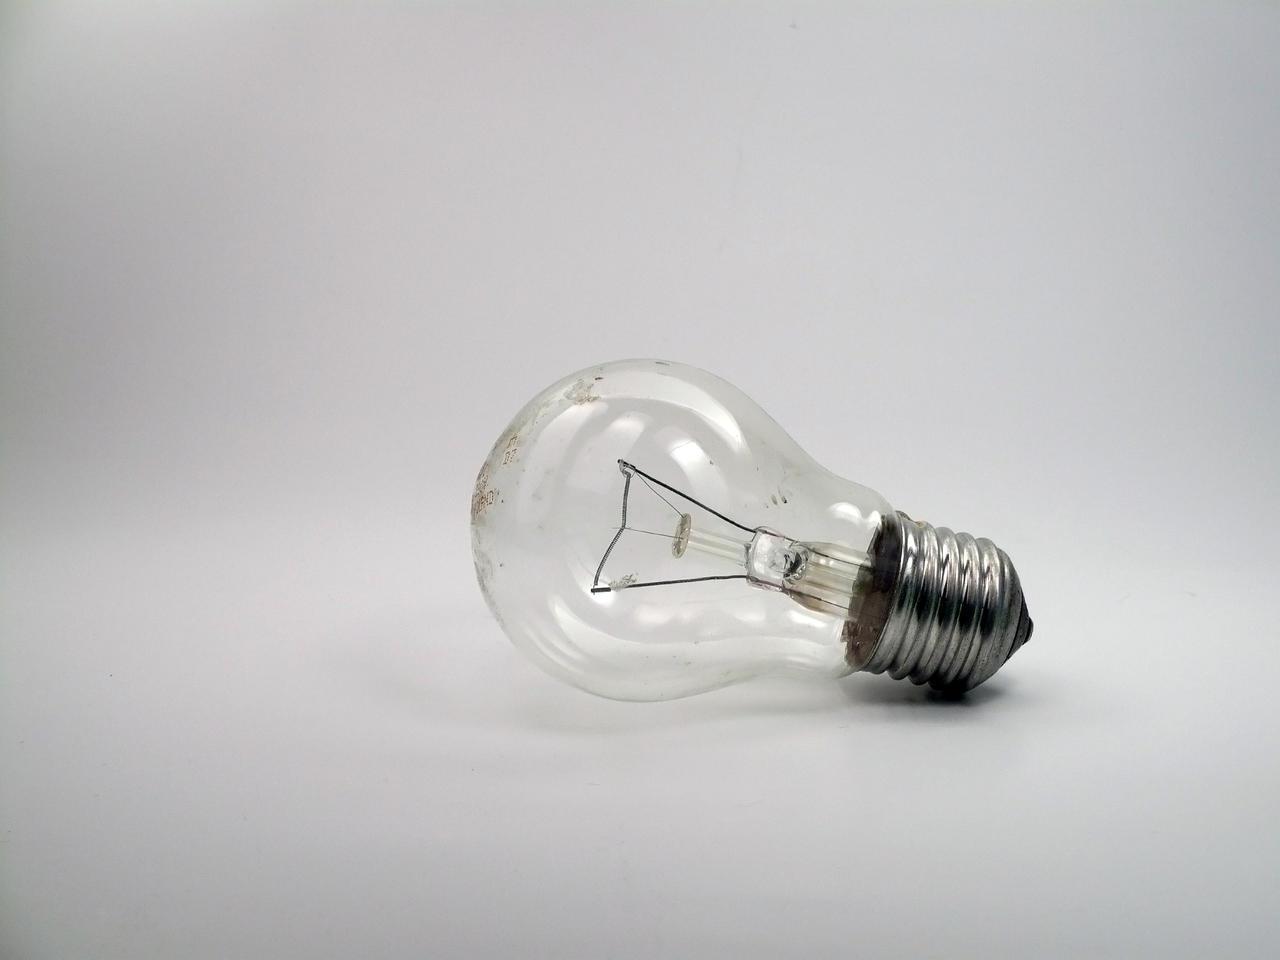 light Bulb by VVolny